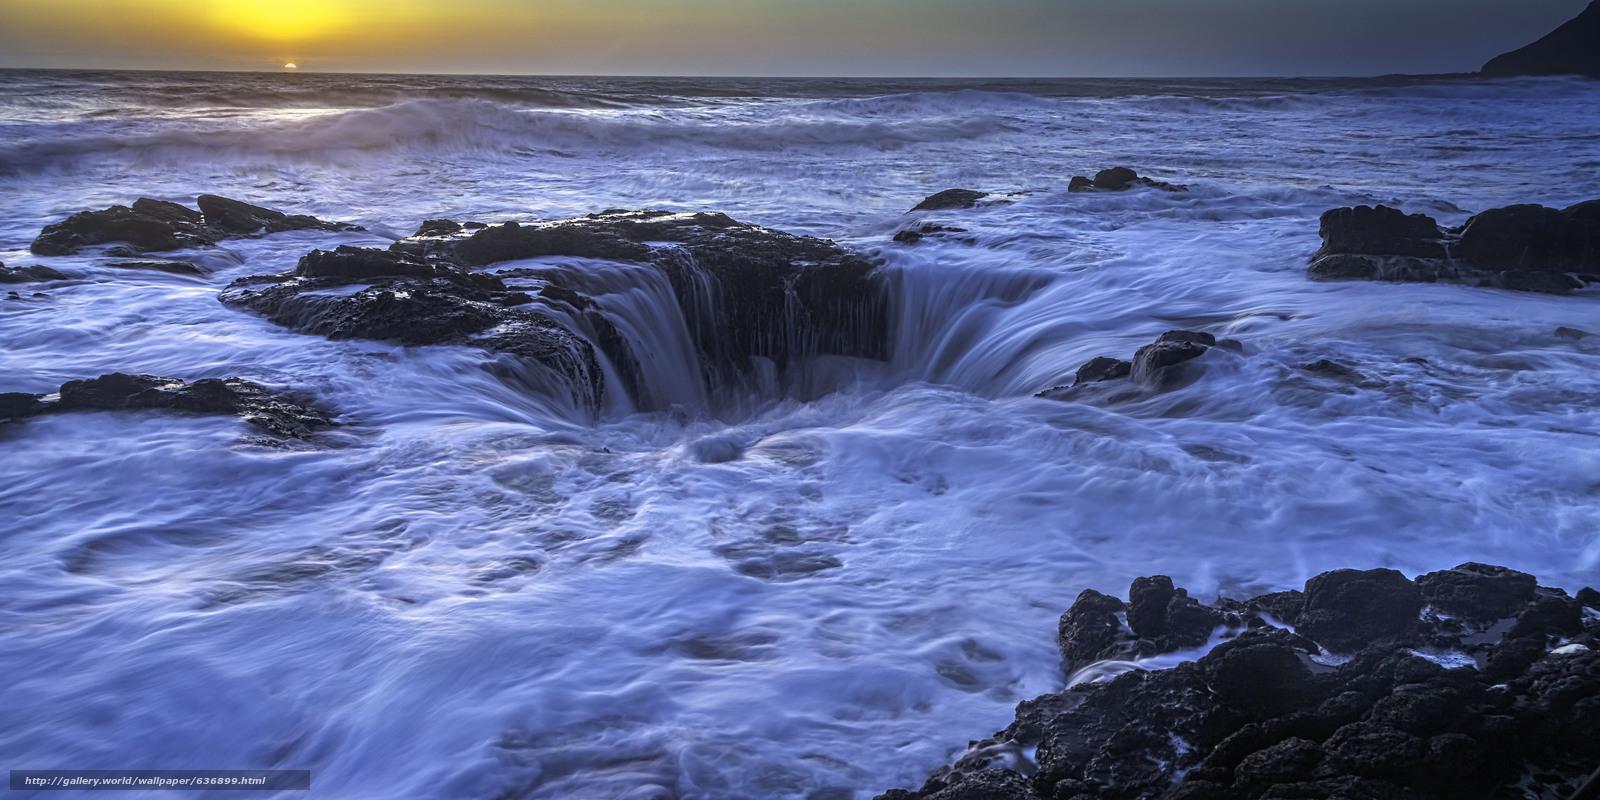 Скачать обои Thor's Well,  Sunset,  Cape Perpetua,  Oregon бесплатно для рабочего стола в разрешении 5574x2787 — картинка №636899